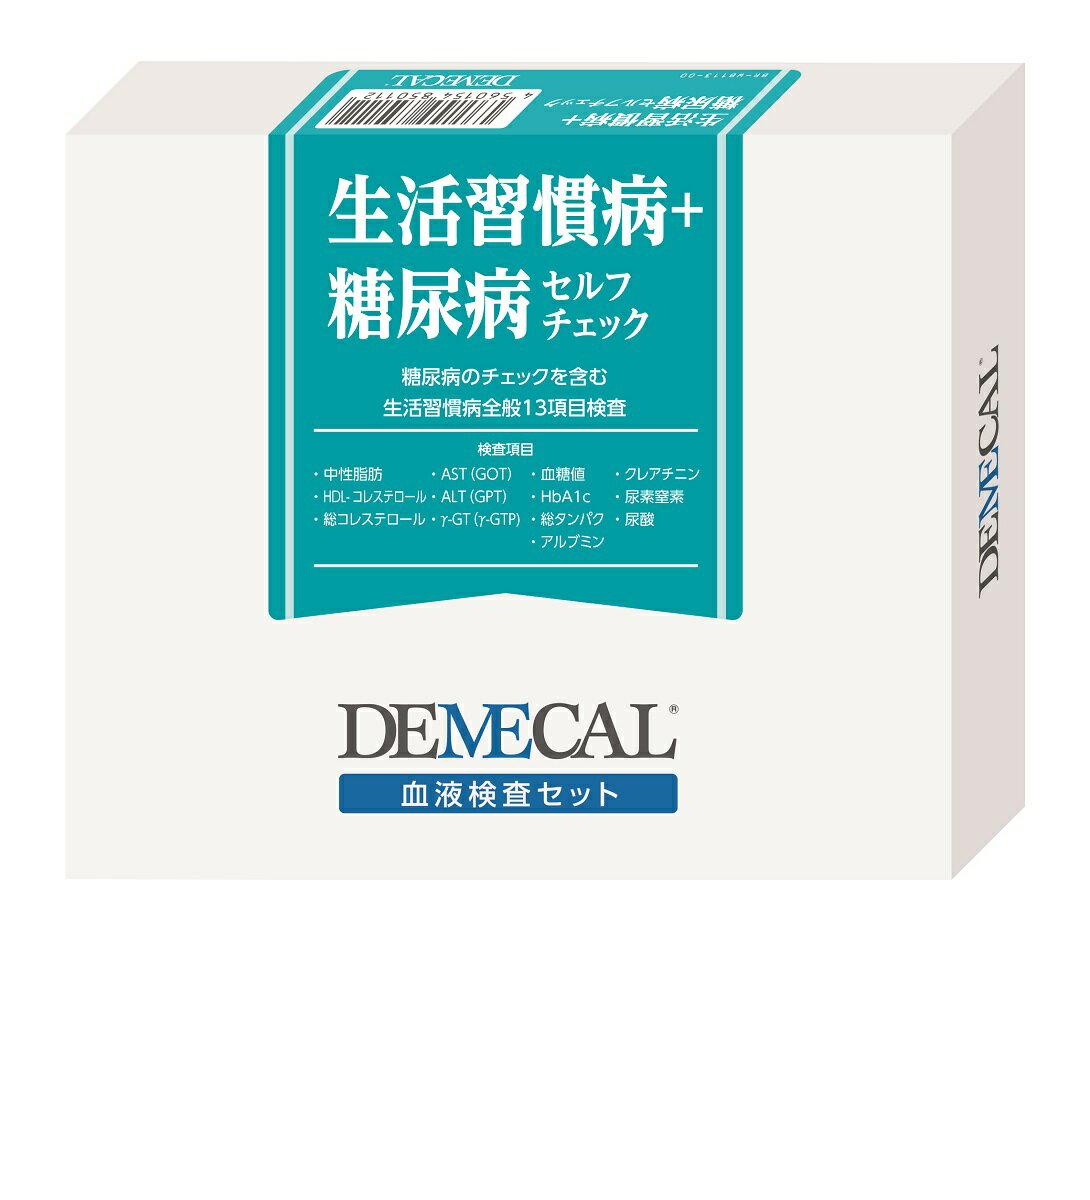 生活習慣病+糖尿病セルフチェック【送料無料】DE...の商品画像